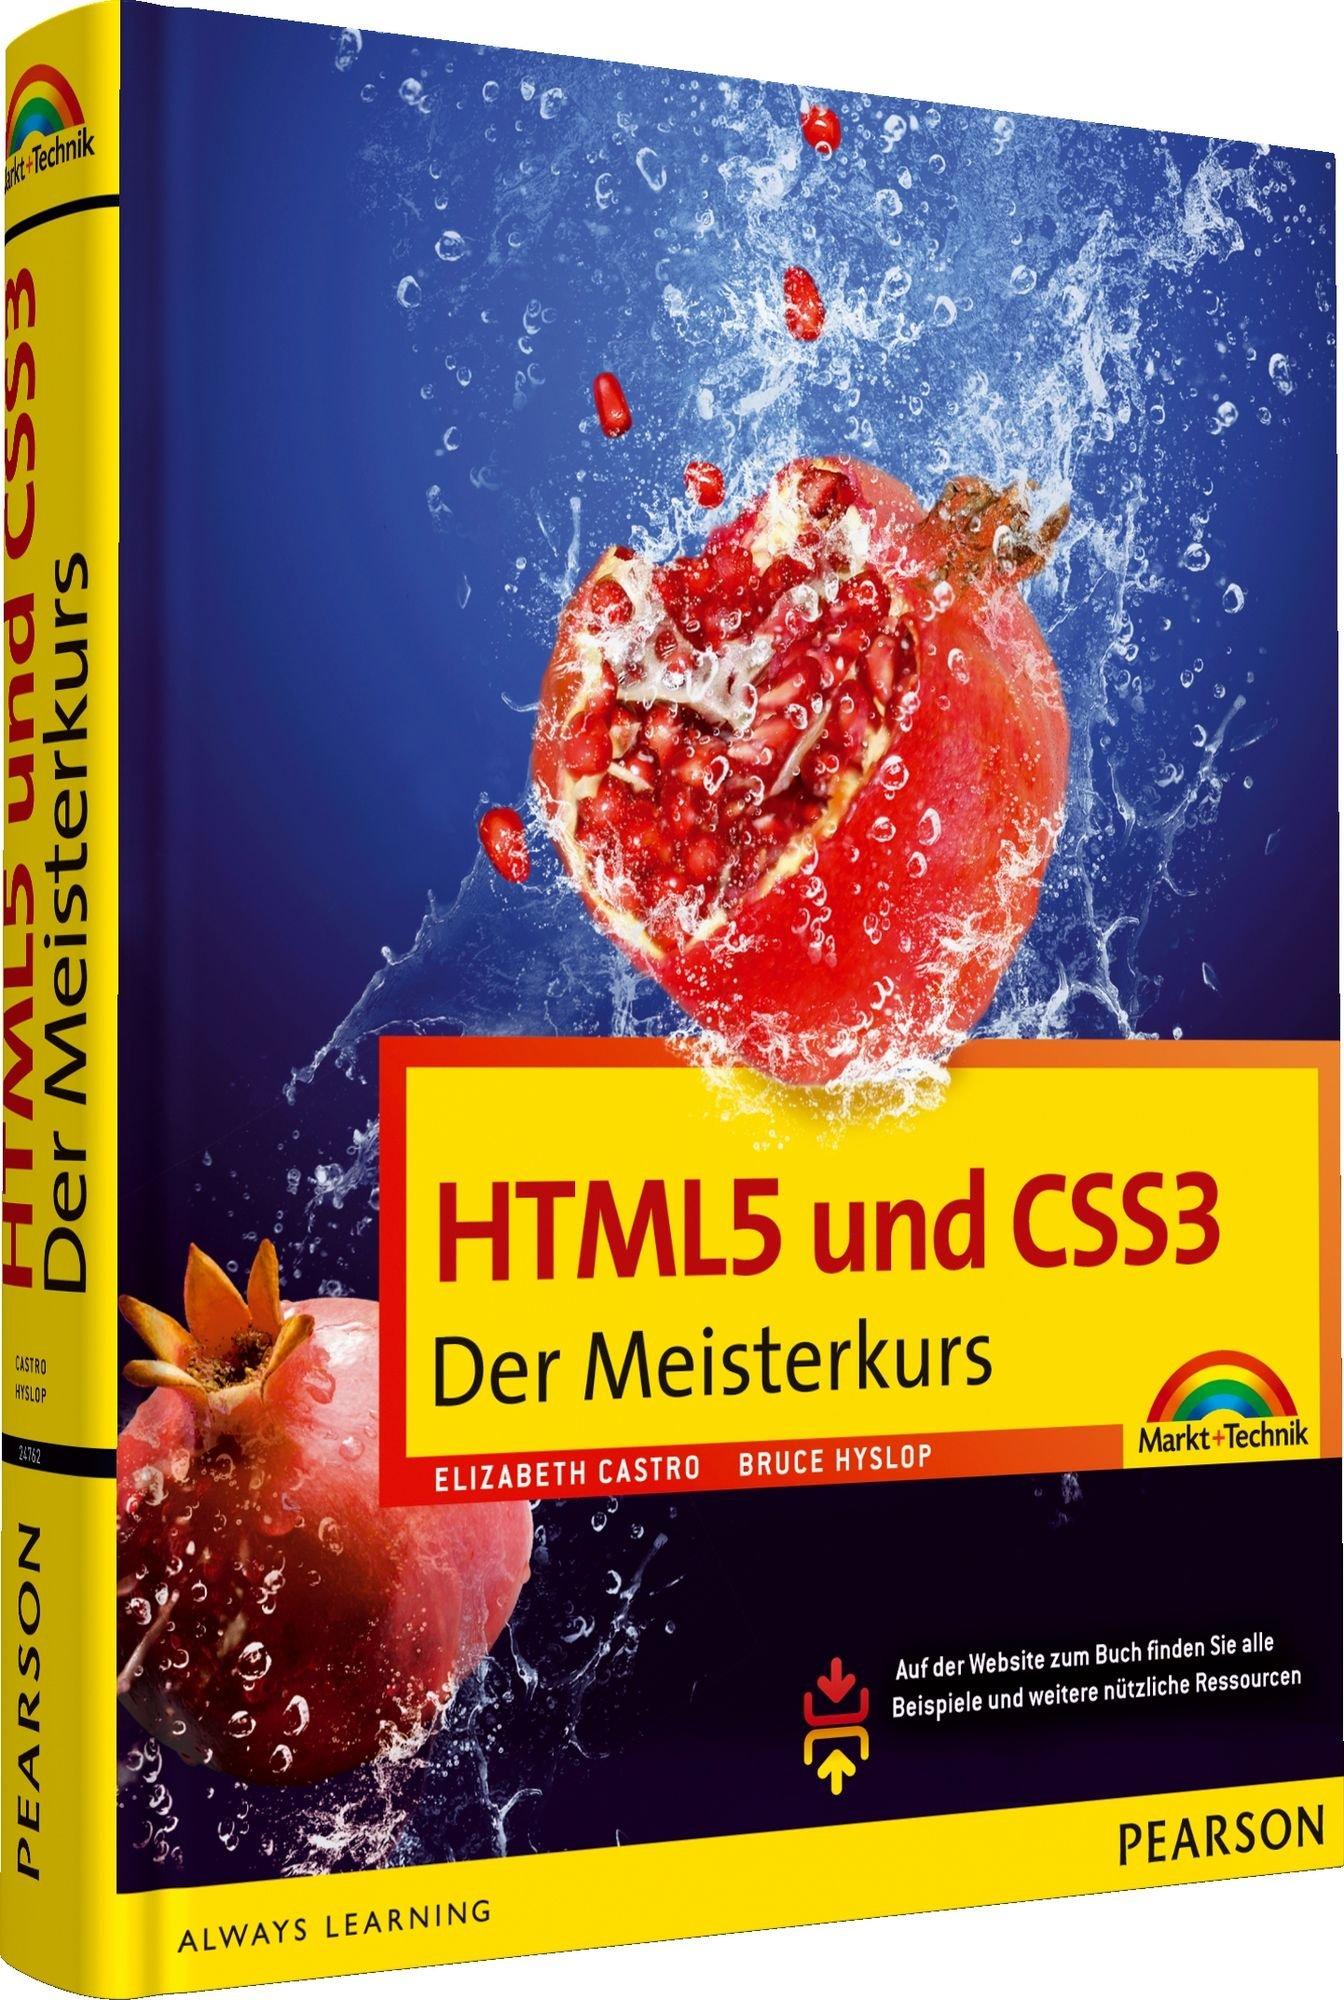 HTML5 und CSS3 - HTML5 und CSS3. Der Meisterkurs. Alle neuen Funktionen und Möglichkeiten von HTML5 und CSS3 werden umfassend erklärt. (M+T Meisterkurs) Gebundenes Buch – 1. Juli 2012 Elizabeth Castro Bruce Hyslop Markt+Technik Verlag 3827247624